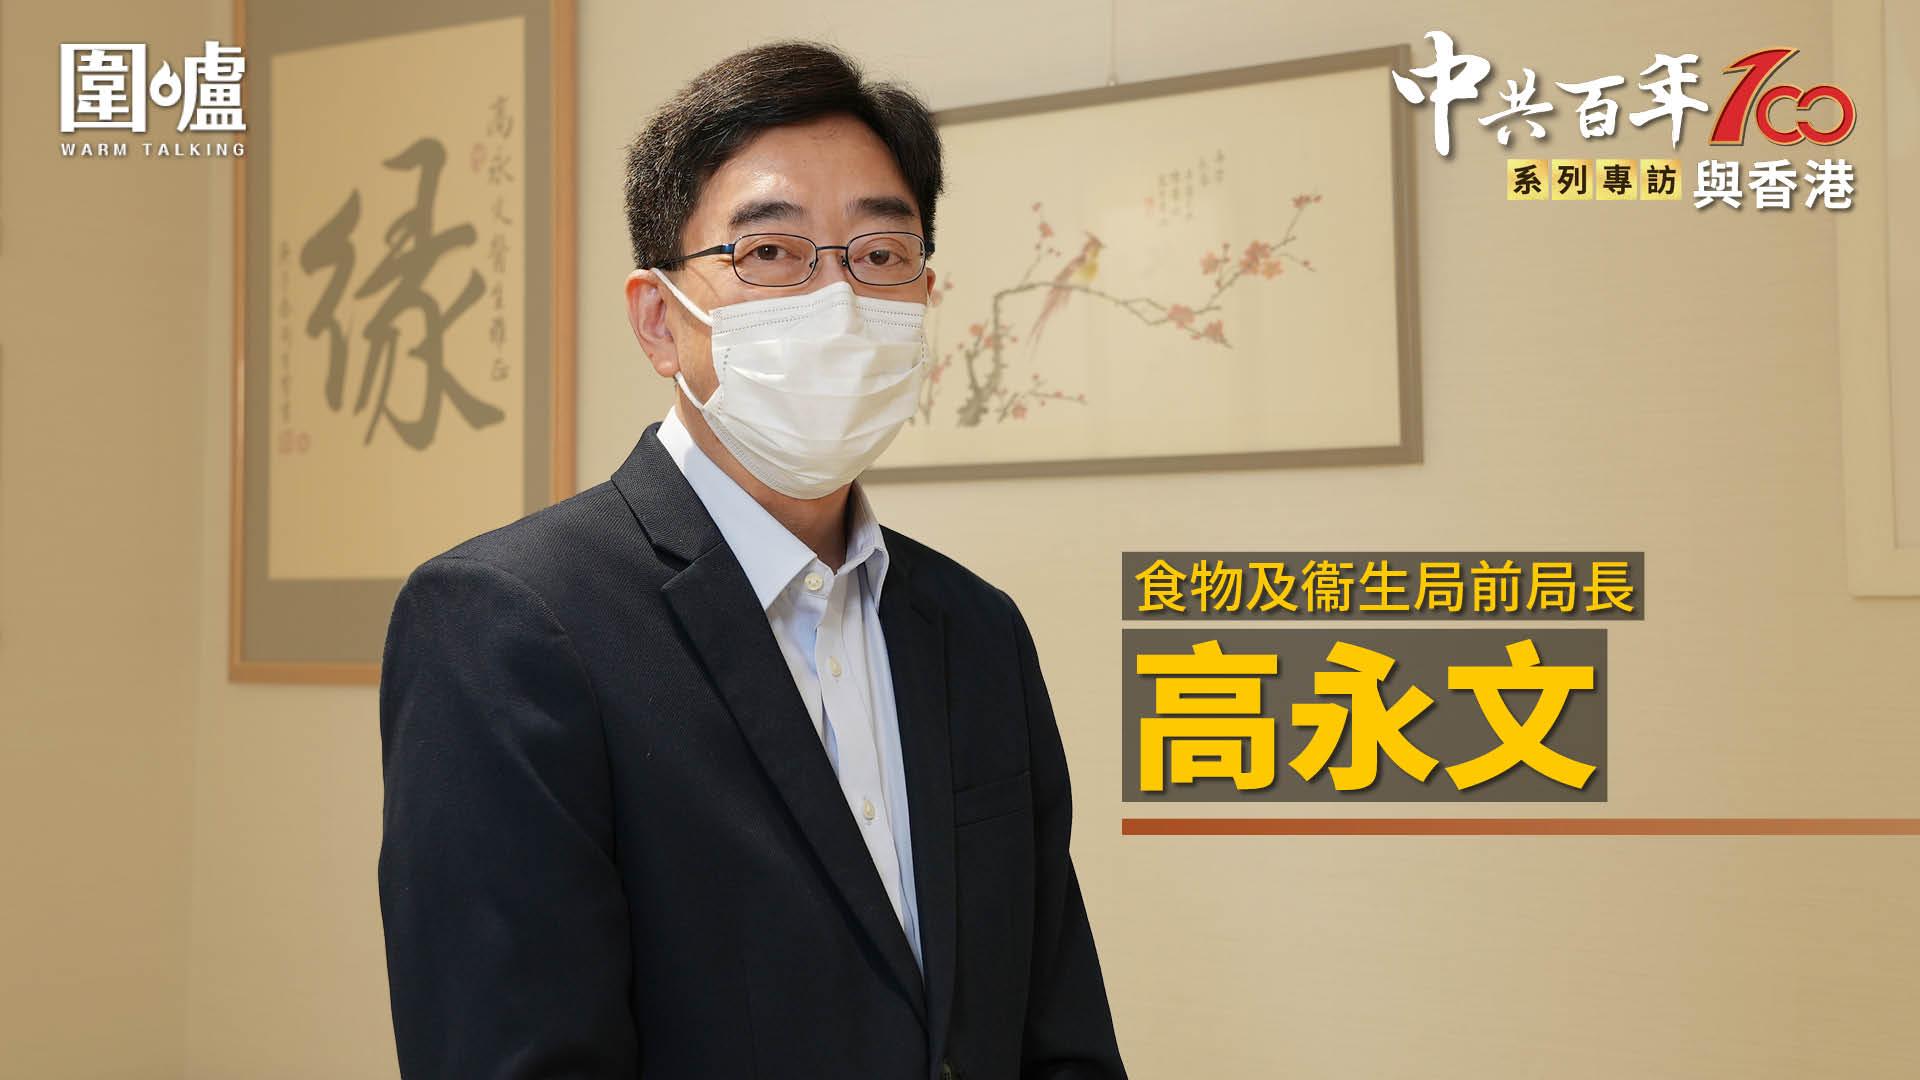 【專訪】高永文:內地醫療發展超越香港 港青應放下成見開拓新道路